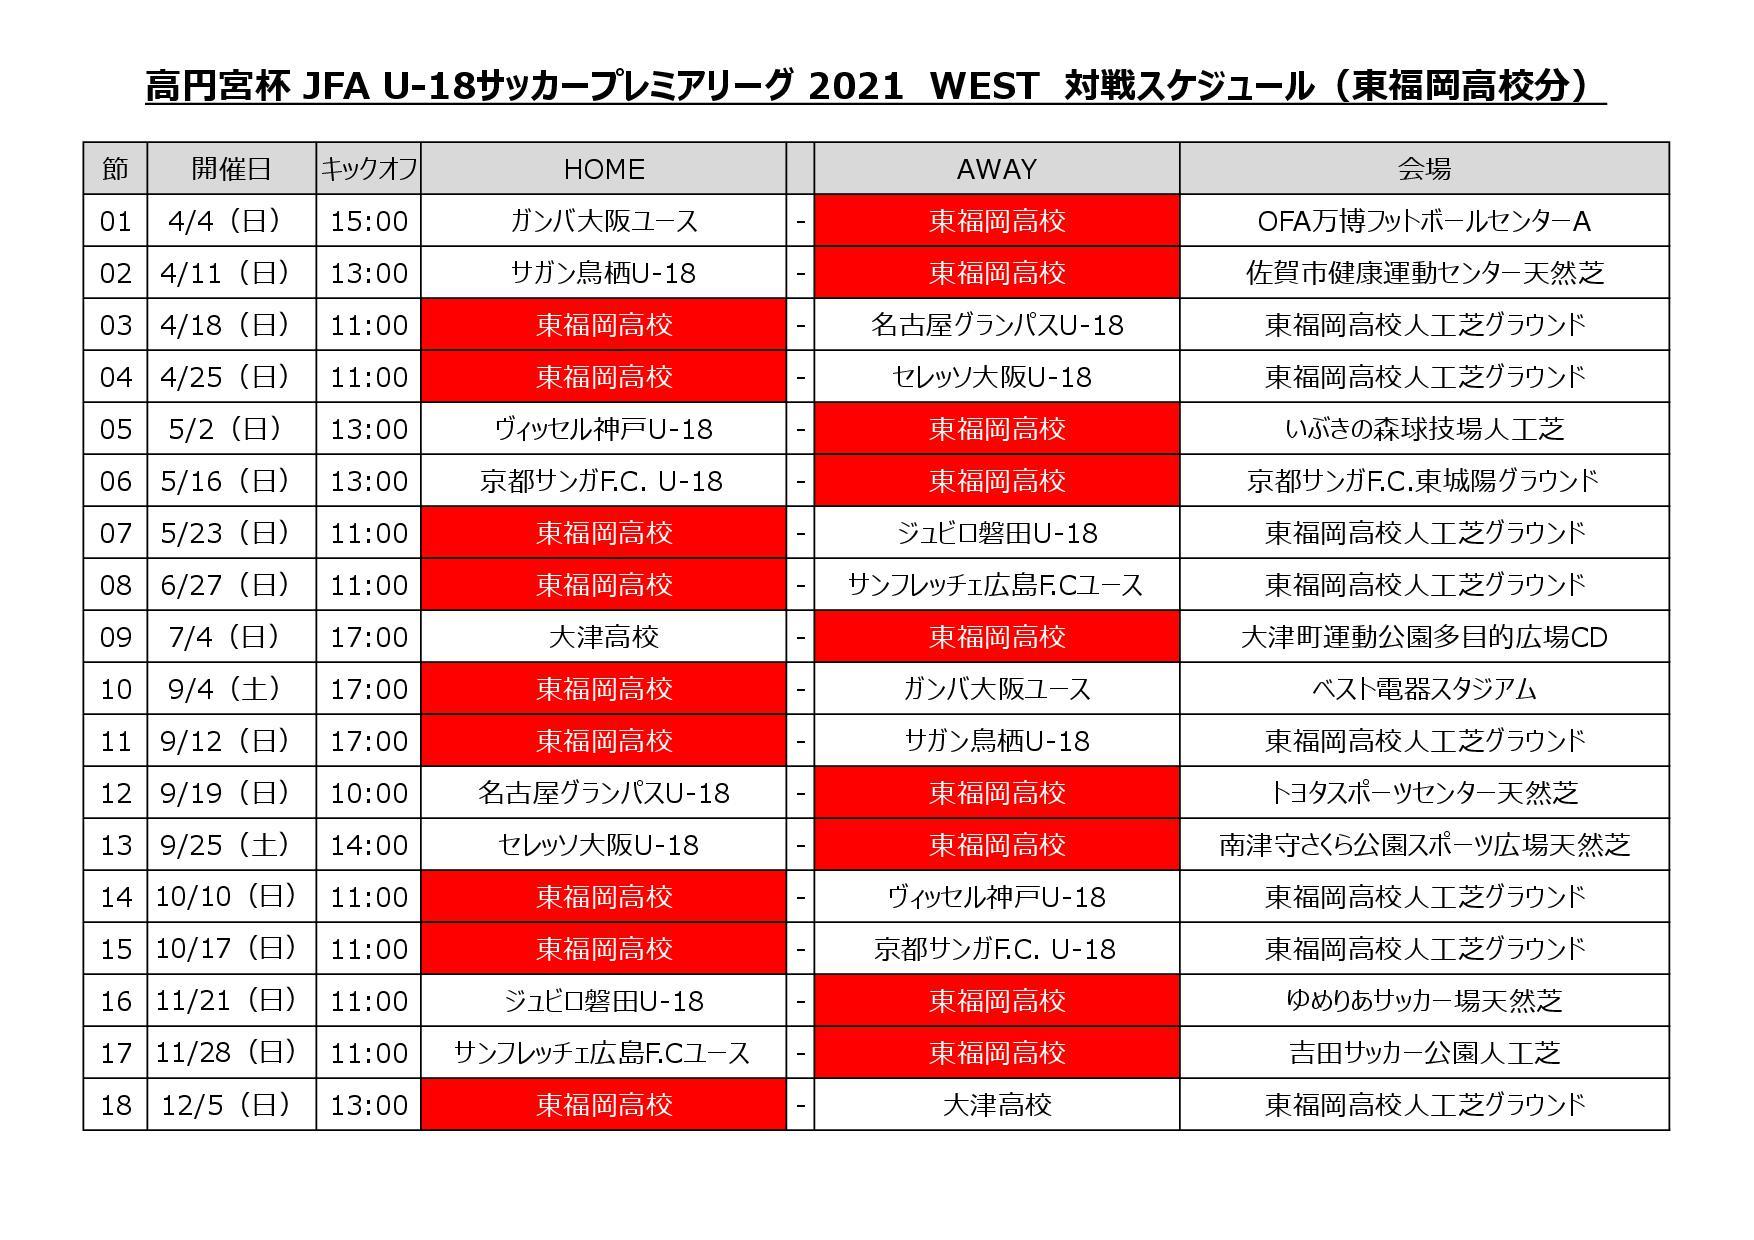 高円宮杯 JFA U-18サッカープレミアリーグ2021WEST